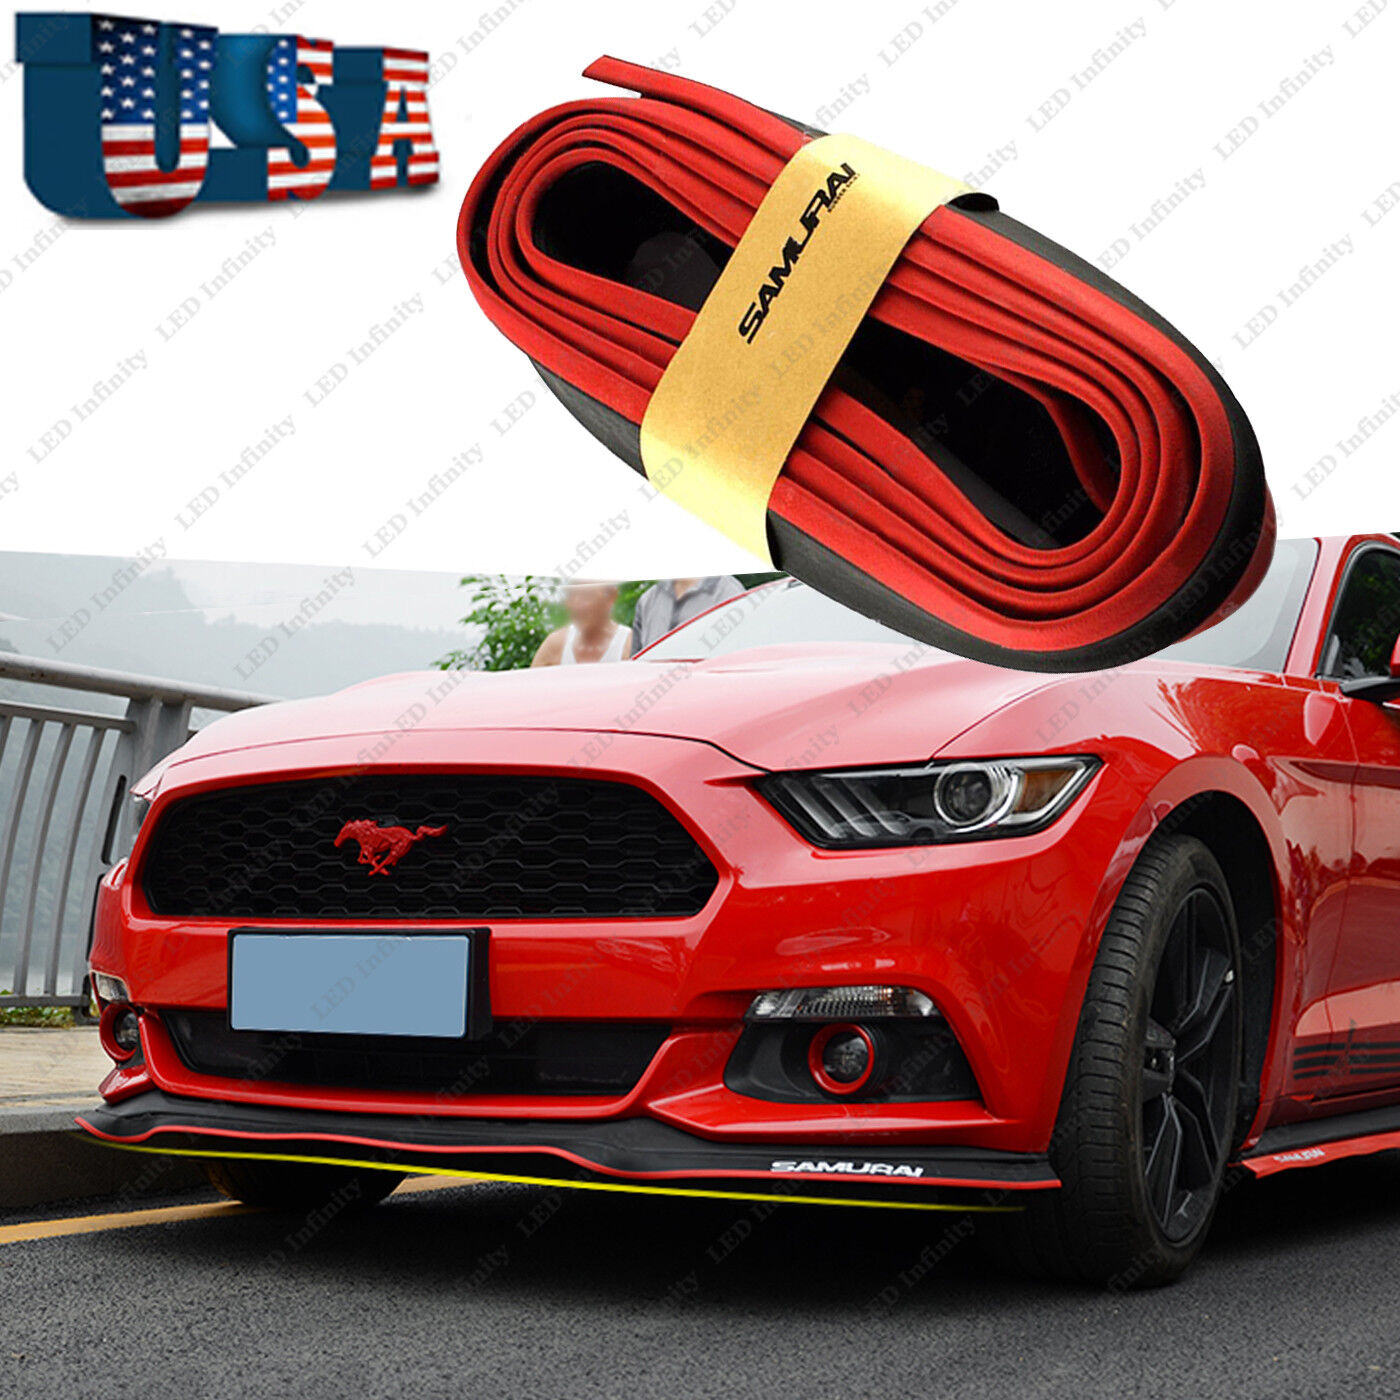 Universal 8FT Black Red Samurai Bumper Lip Splitter Chin Spoiler Body